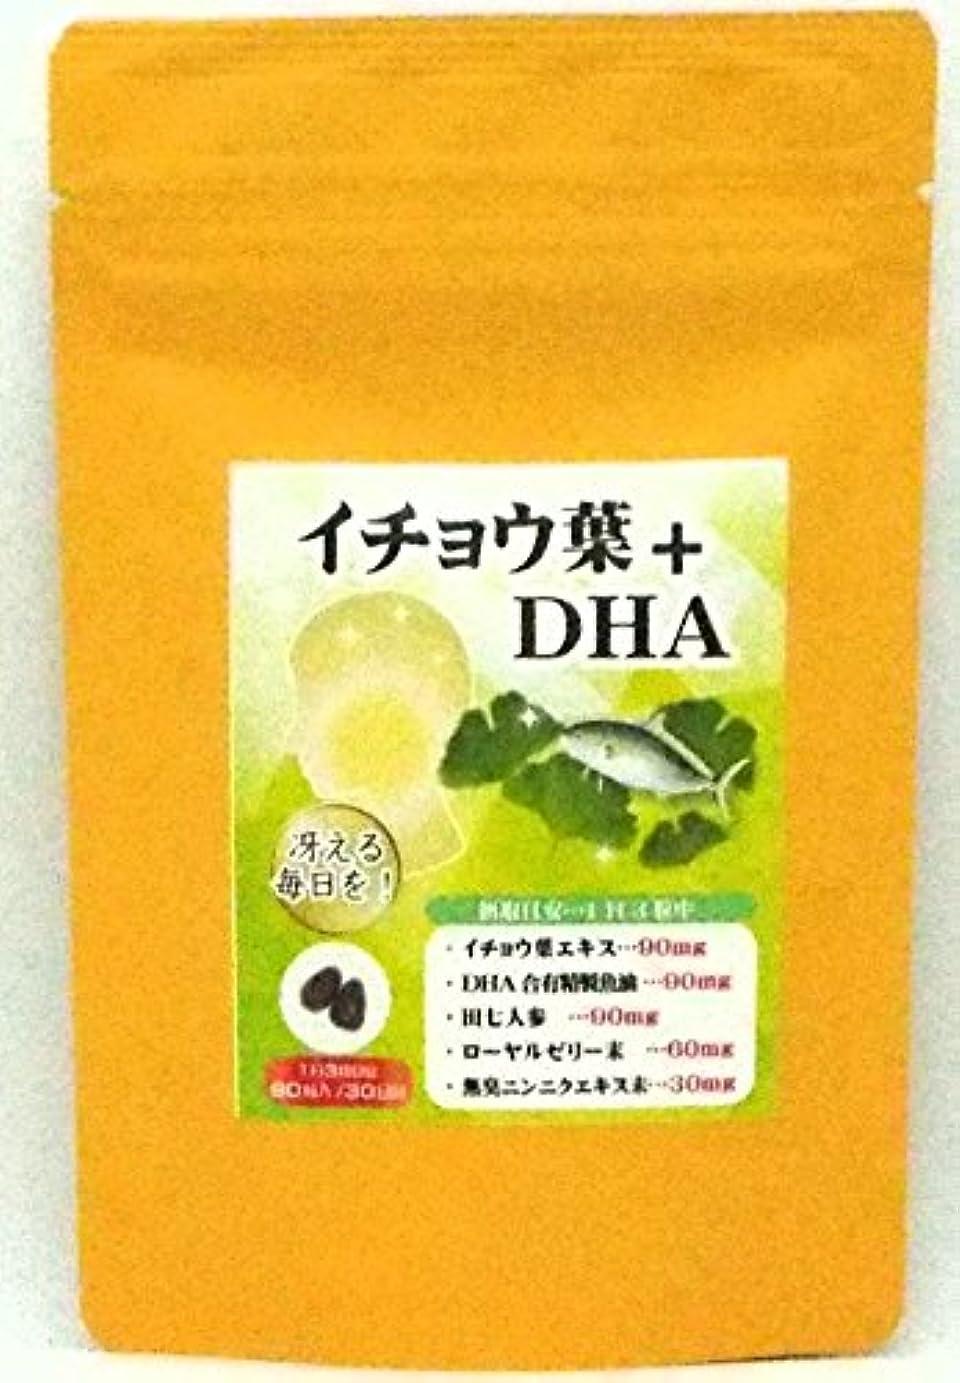 重要な苦い複数イチョウ葉+DHA サプリメント 90粒入 3粒にイチョウ葉エキス90mg、DHA合有精製魚油90mg、田七人参90mg、ローヤルゼリー末60mg配合